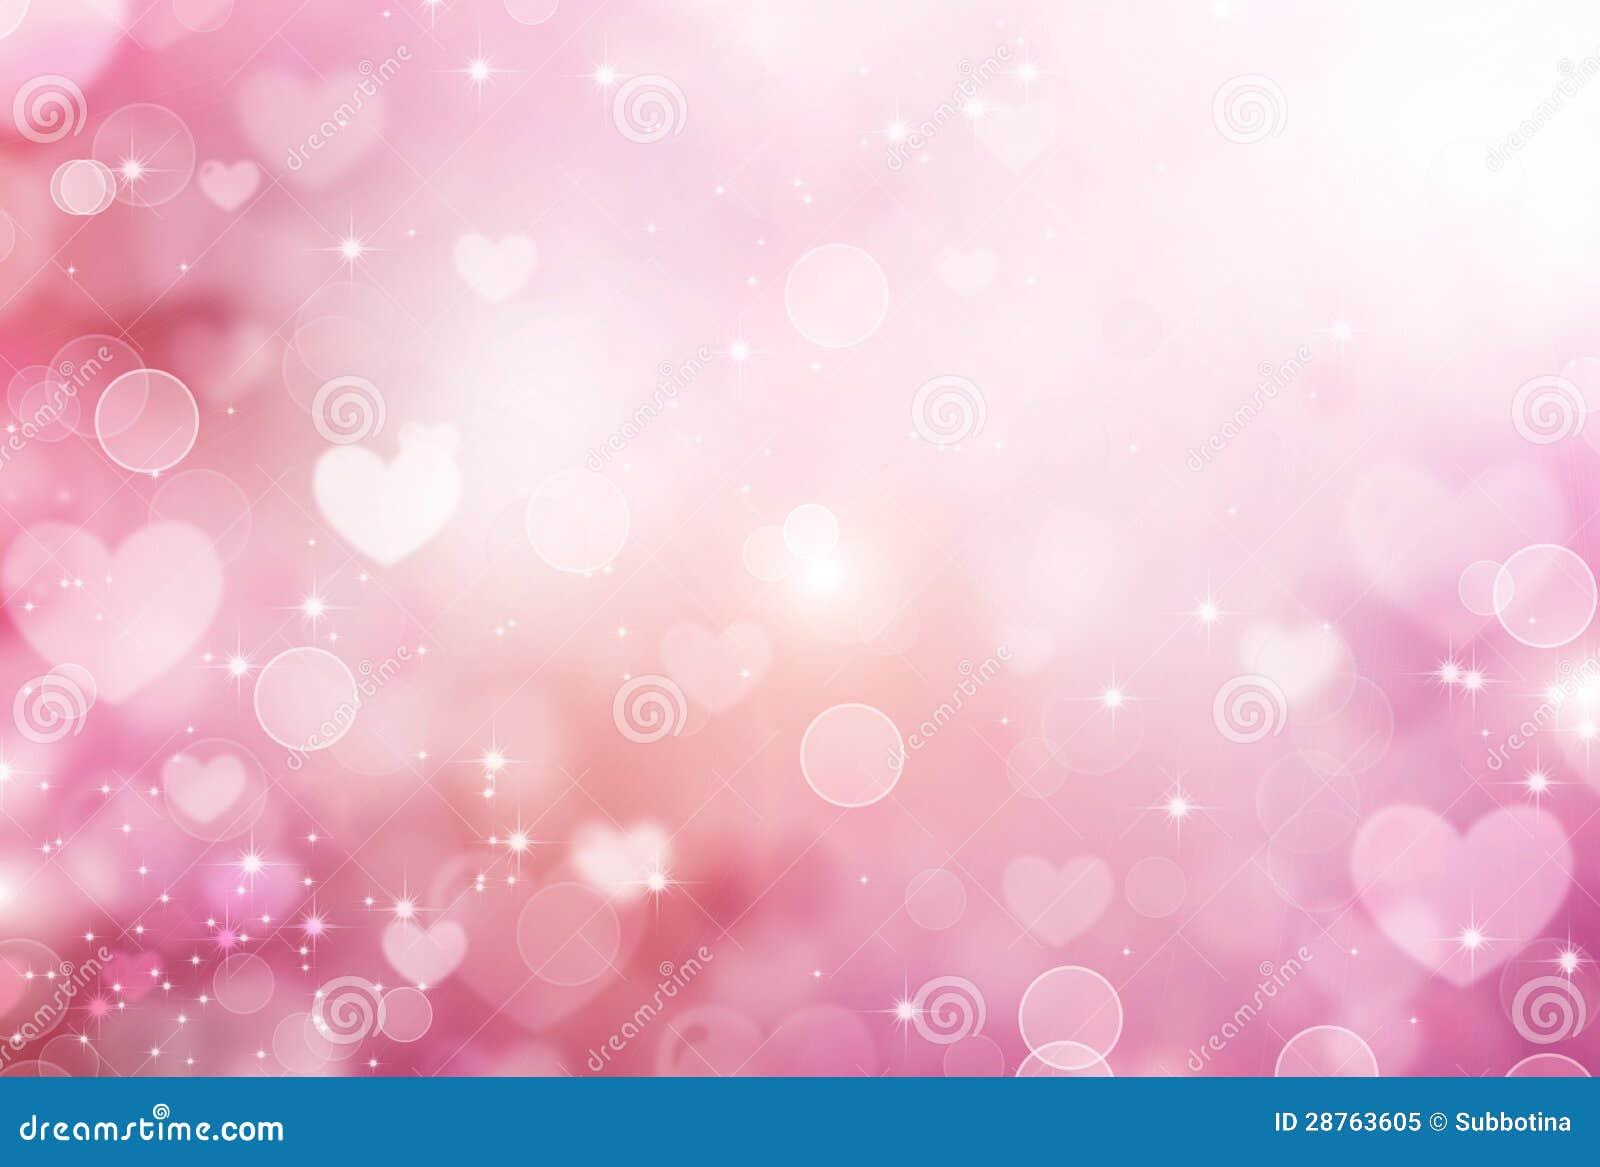 Valentine Hearts Pink Background